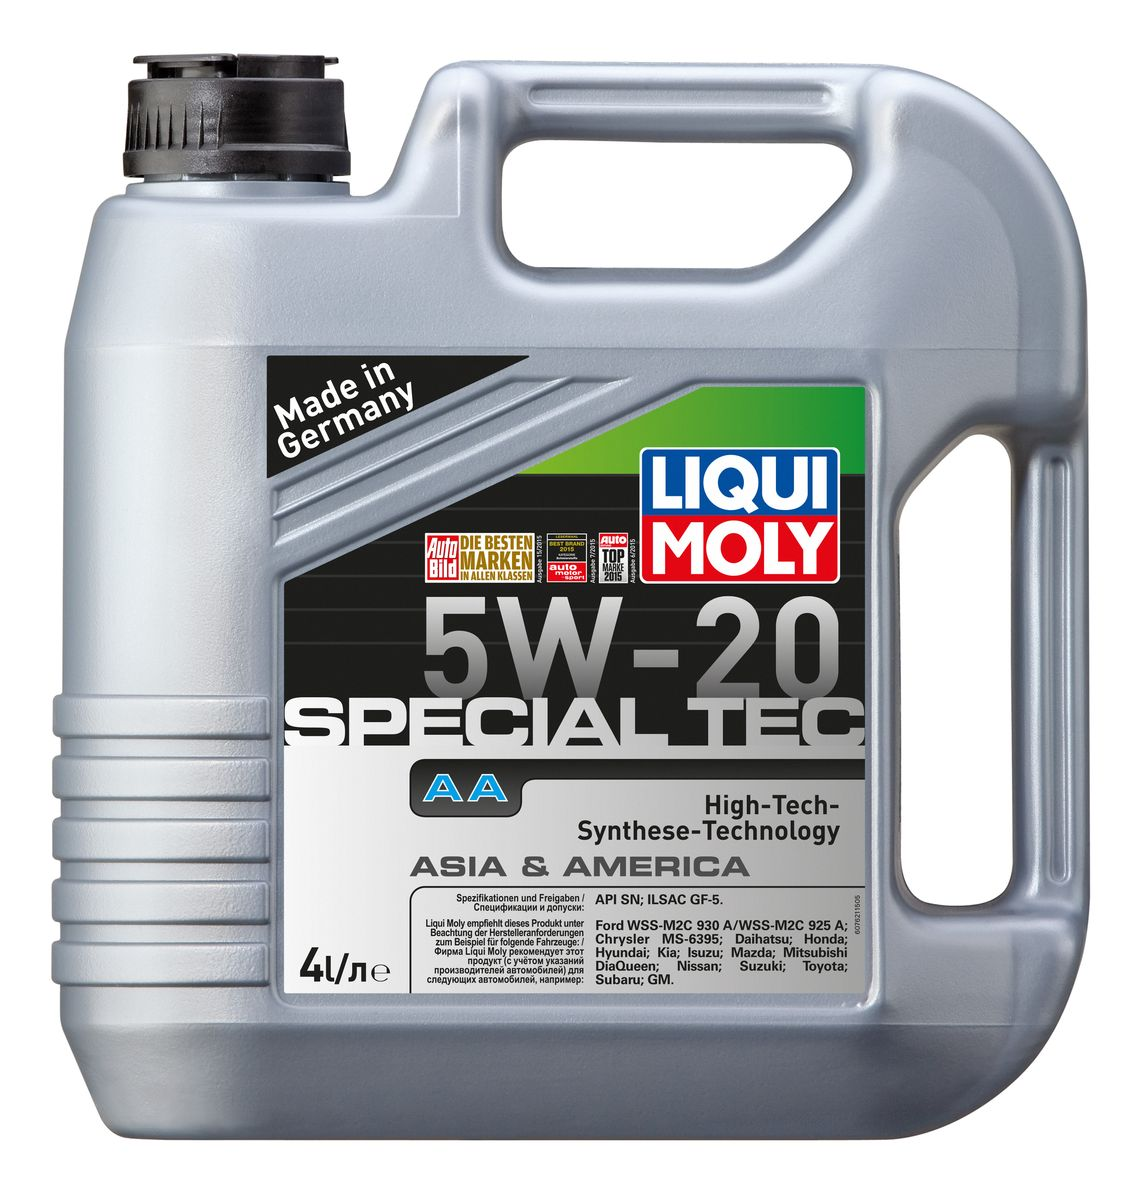 Масло моторное Liqui Moly Special Tec AA, НС-синтетическое, 5W-20, 4 л присадка liqui moly benzin system pflege для ухода за бензиновой системой впрыска 0 3 л